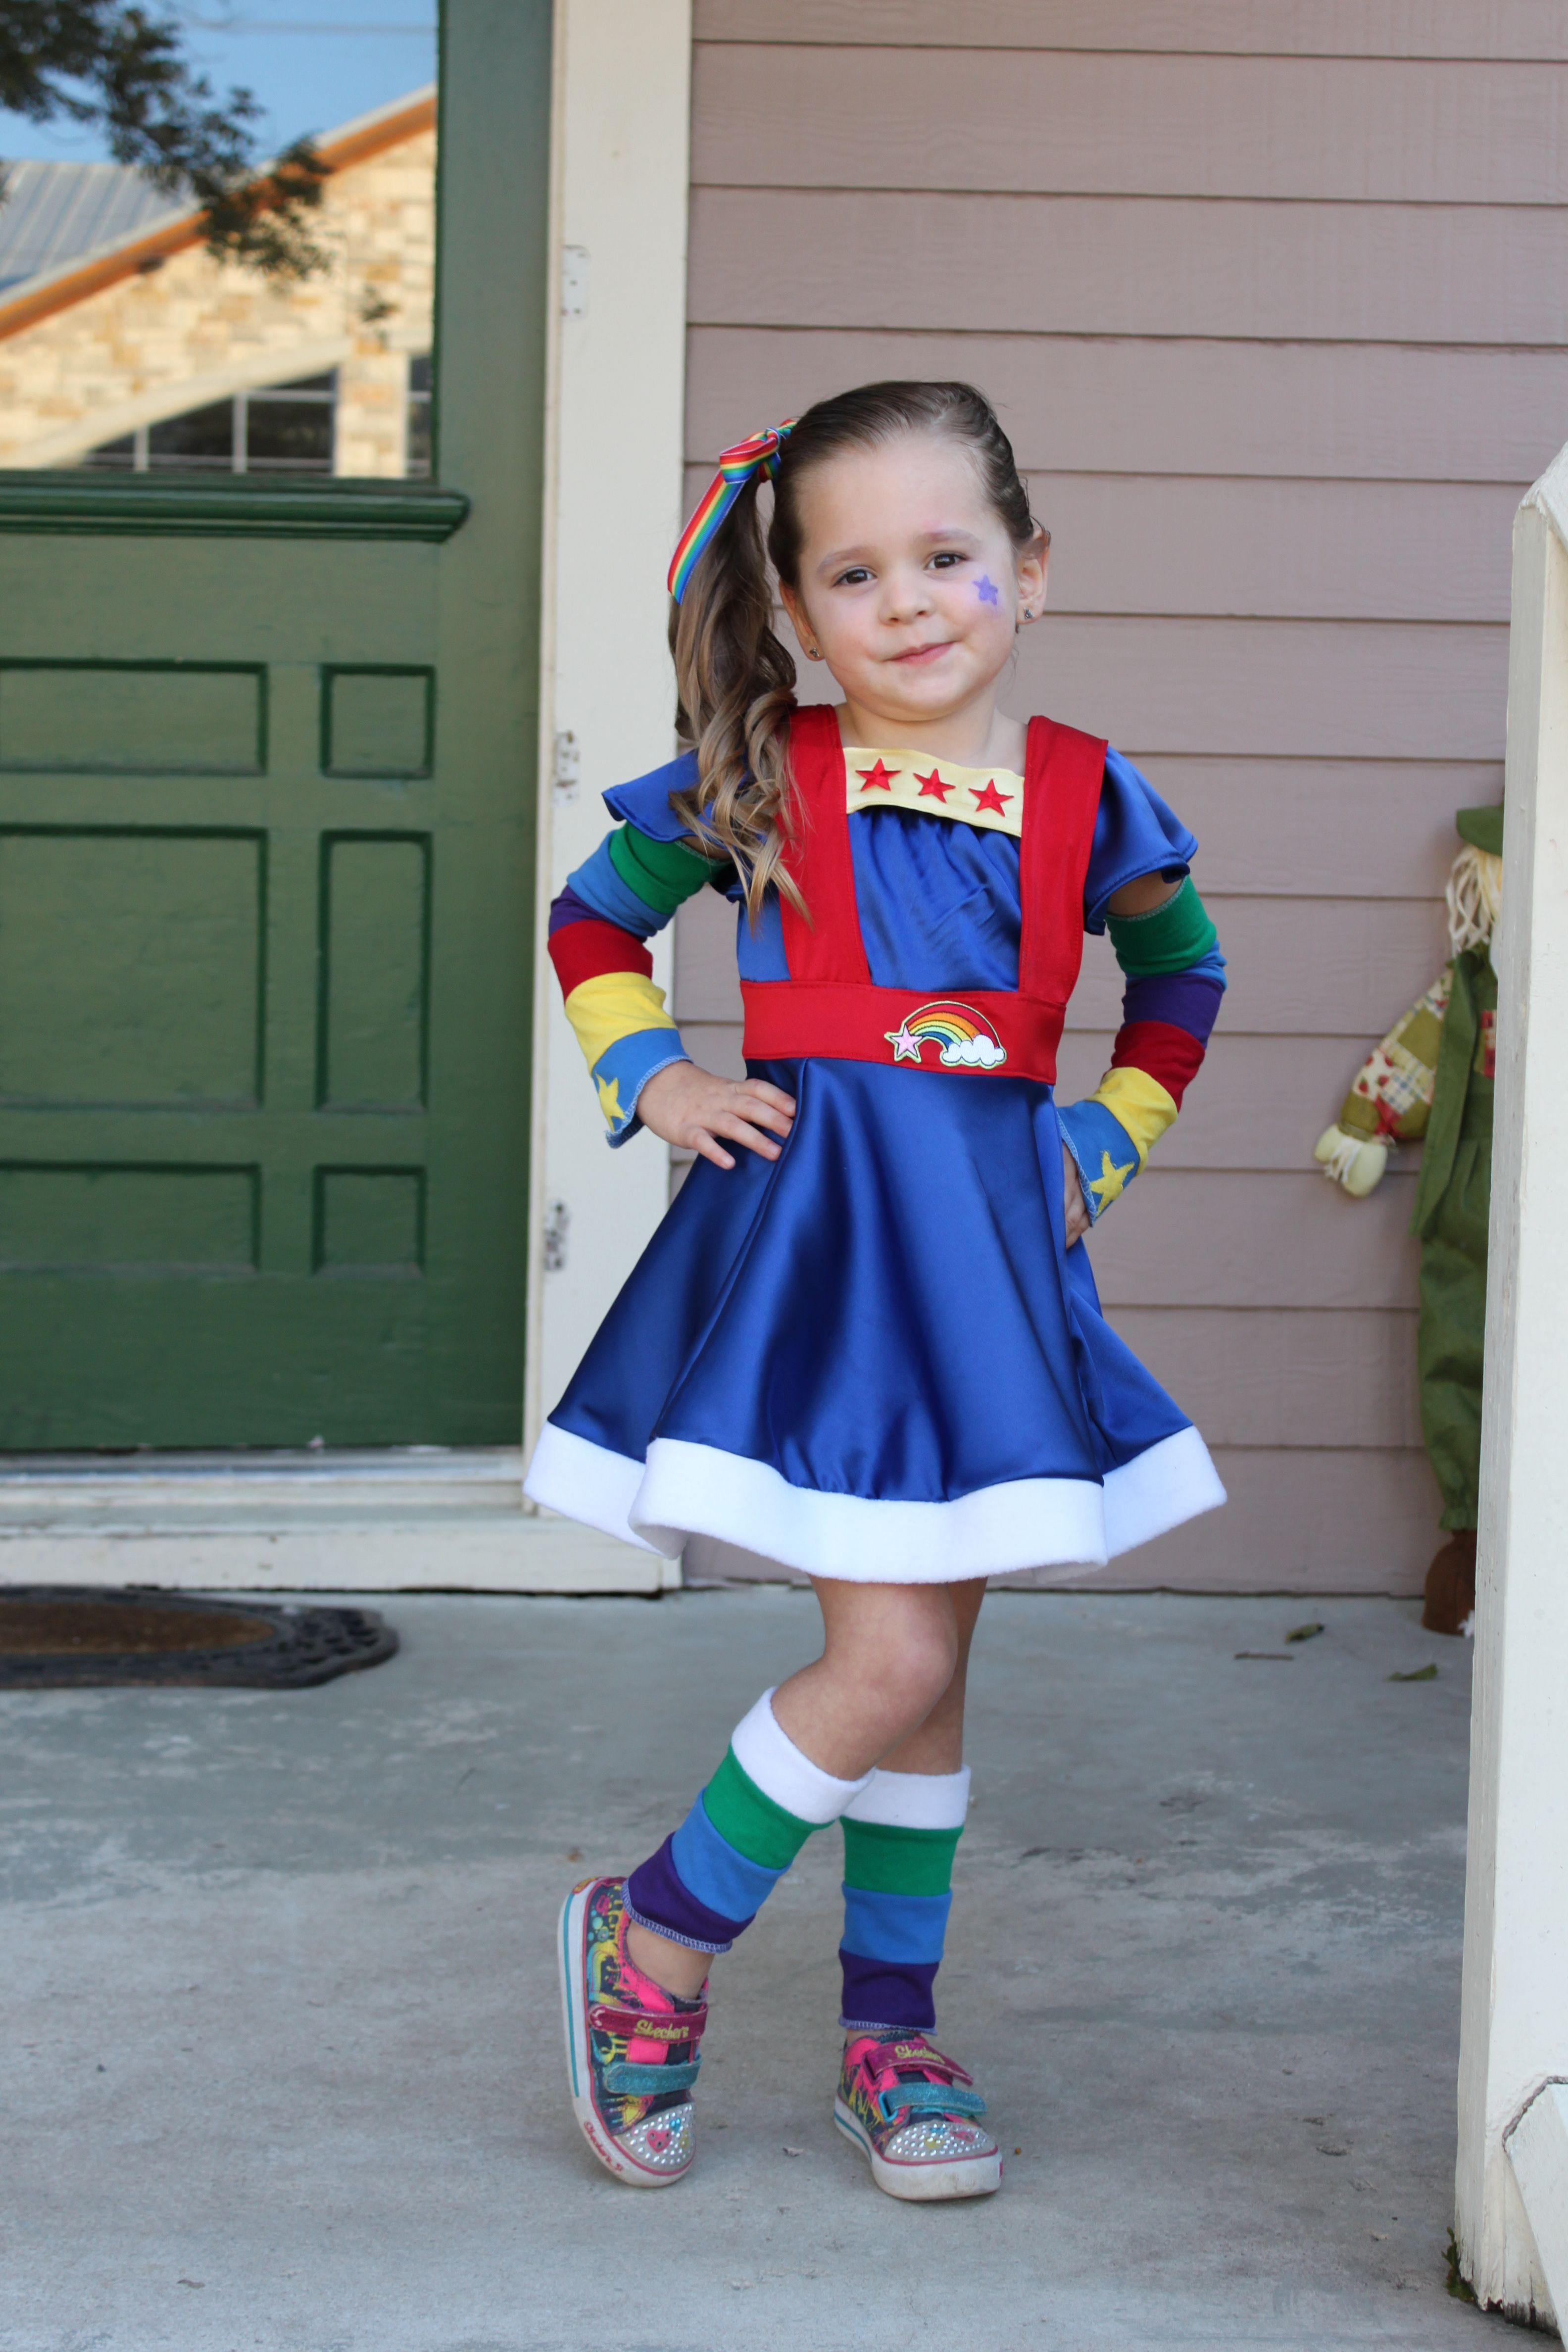 Best ideas about Rainbow Brite Costume DIY . Save or Pin SUPER cute Rainbow brite costume Now.